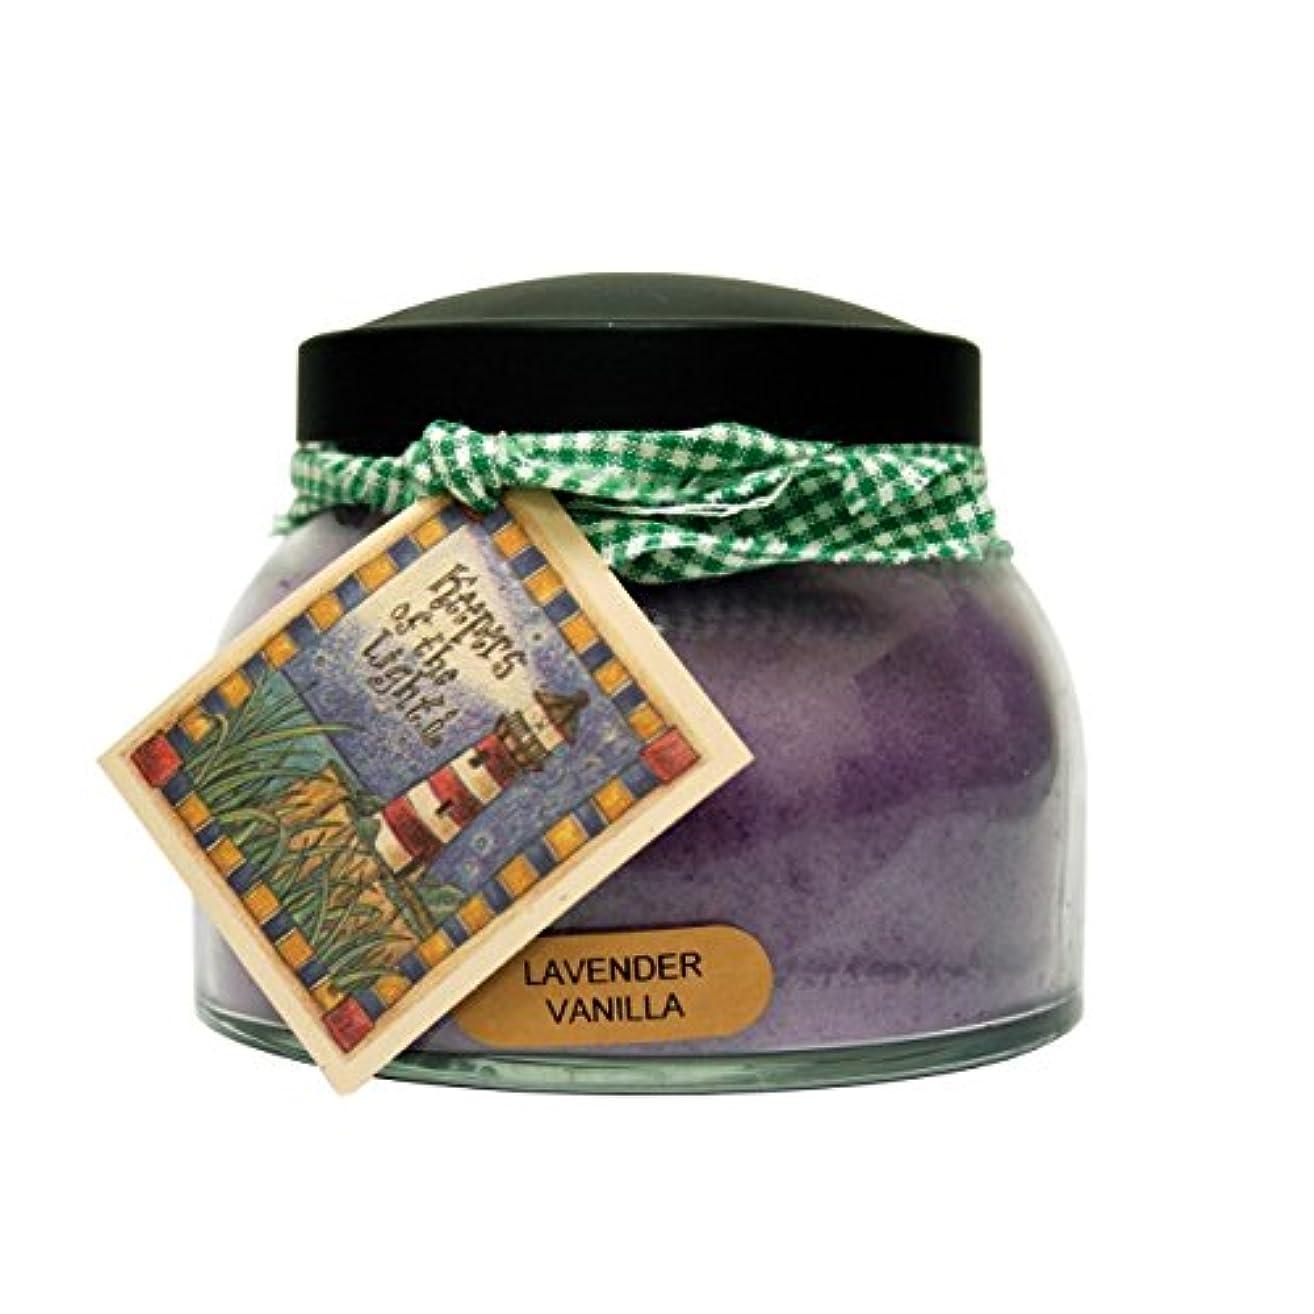 同盟資格情報食堂A Cheerful Giver Lavender Vanilla Mama Jar Candle, 22-Ounce [並行輸入品]